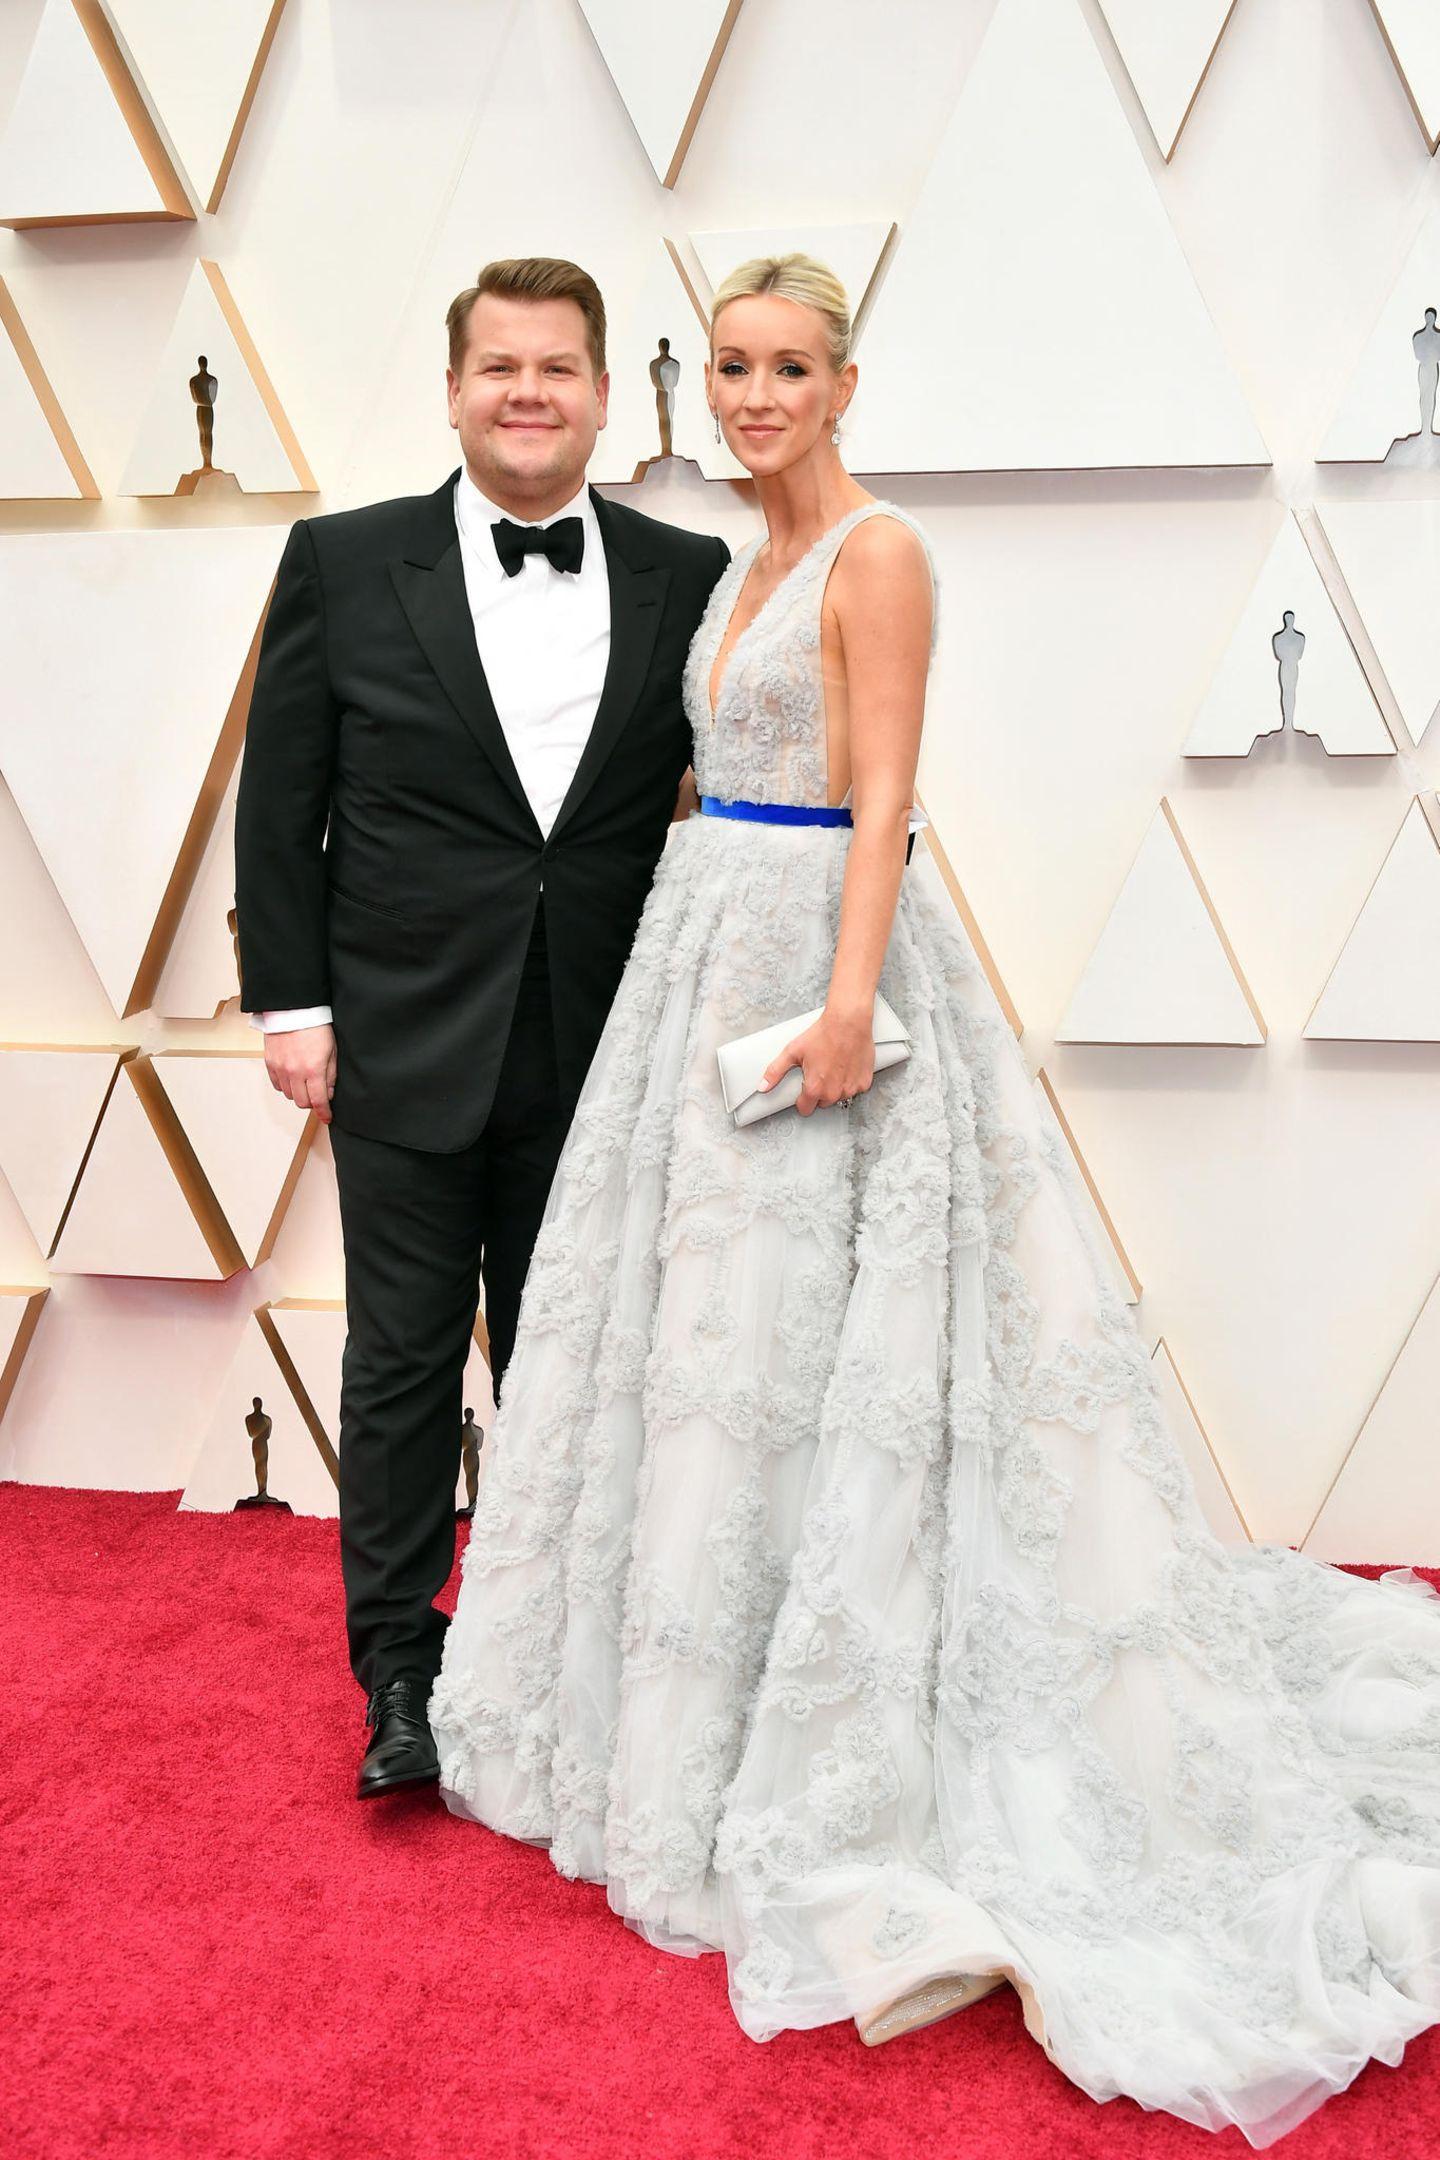 James Corden und Frau bei den Oscars 2020